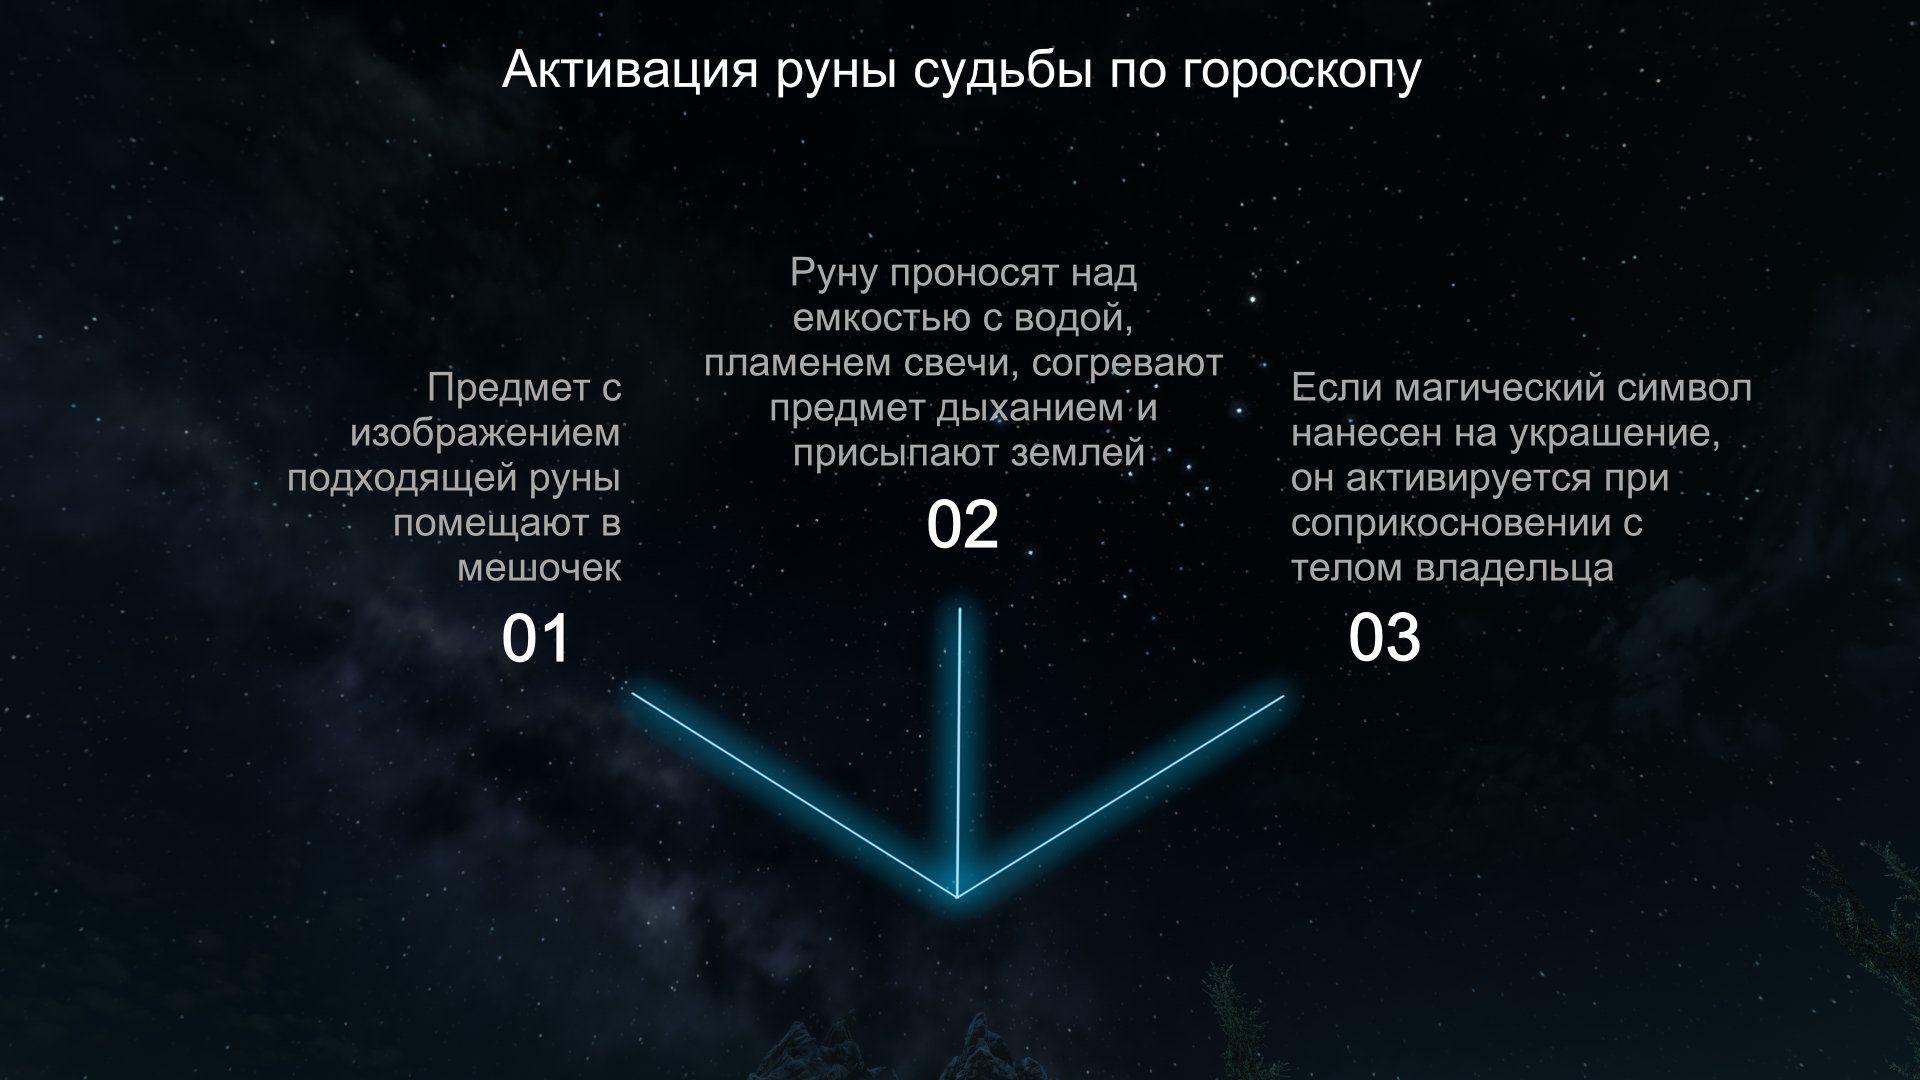 Активация руны судьбы по гороскопу